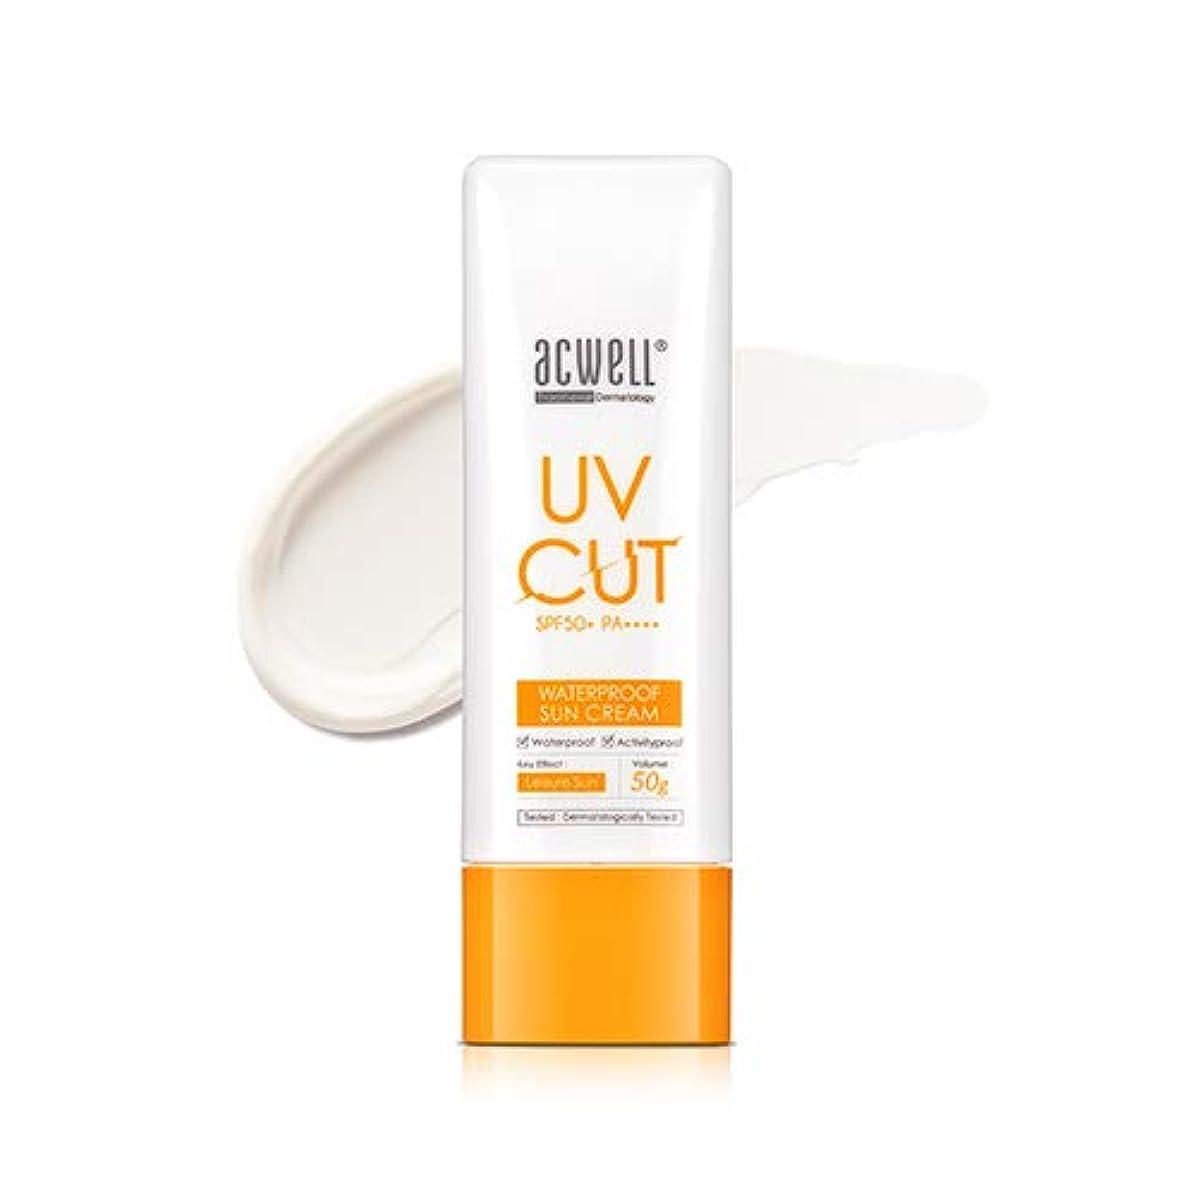 休日執着バットアクウェル ACWELL UV Cut Waterproof Sun Cream ウォータープルーフ サンクリーム 50g, SPF50+ PA++++ [Made in Korea]